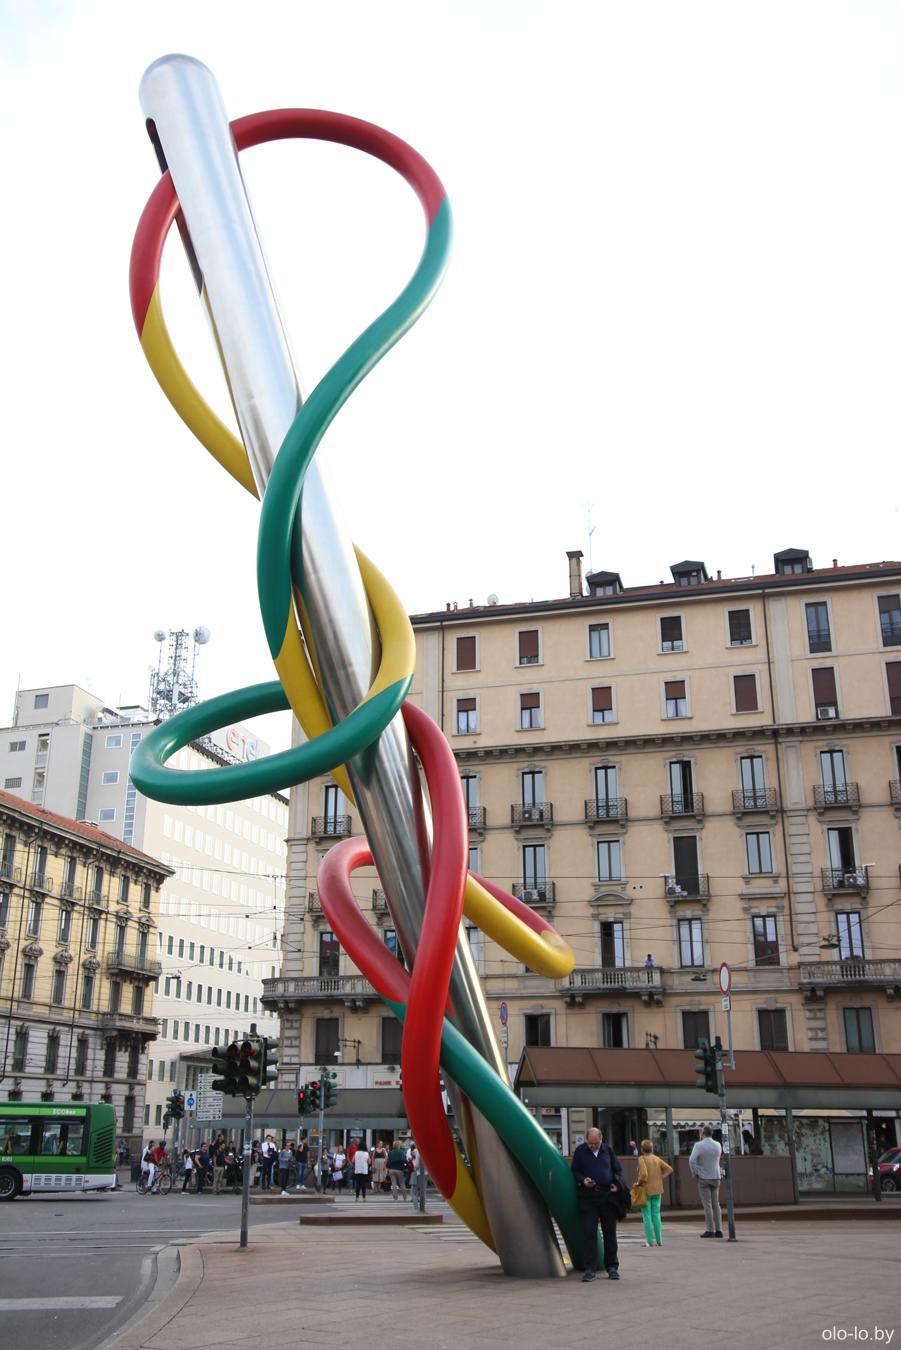 памятник Иголка, нитка и узелок, Милан